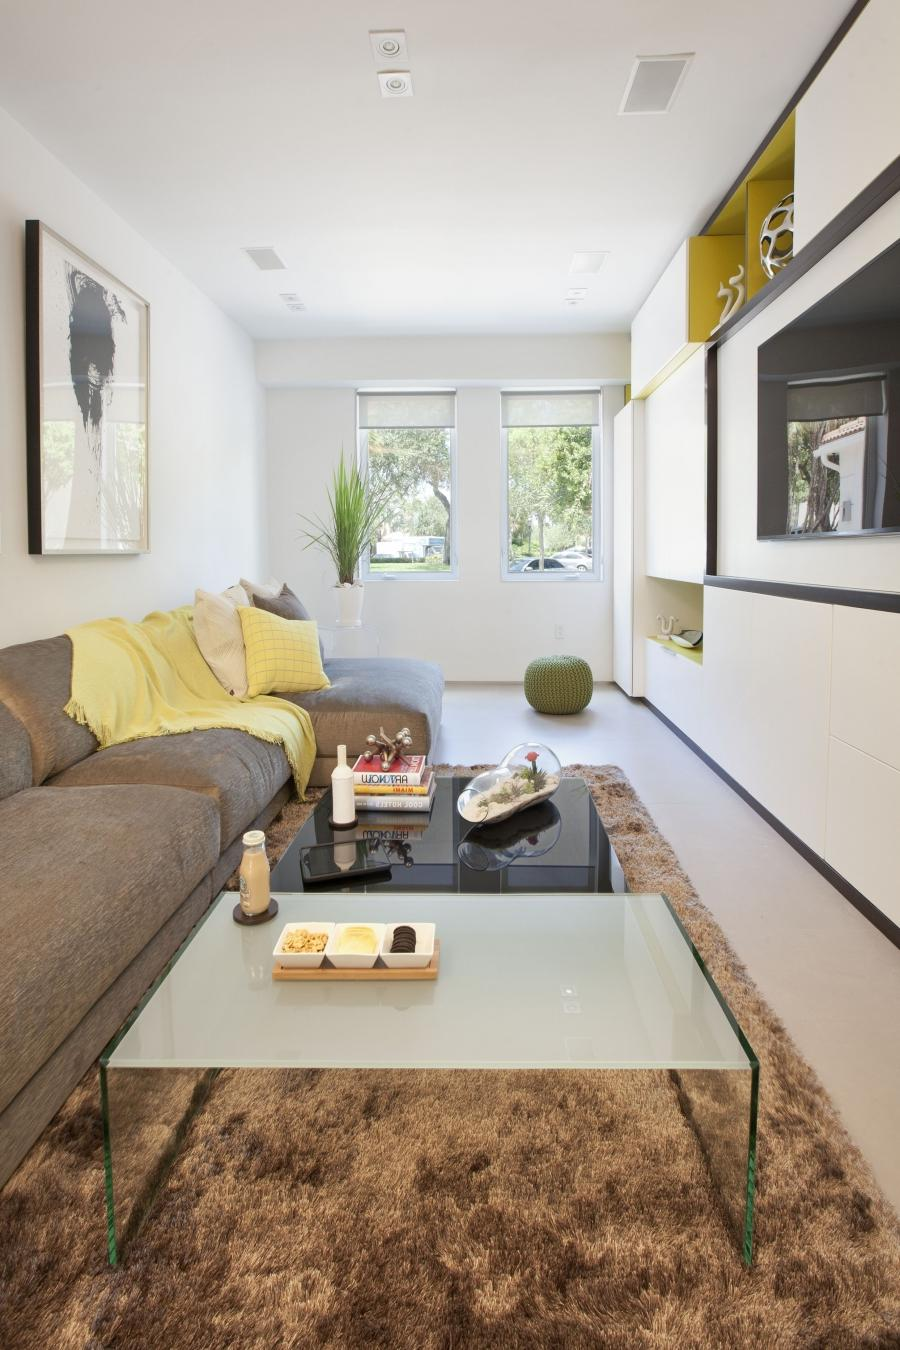 Interior Design Residential Photos